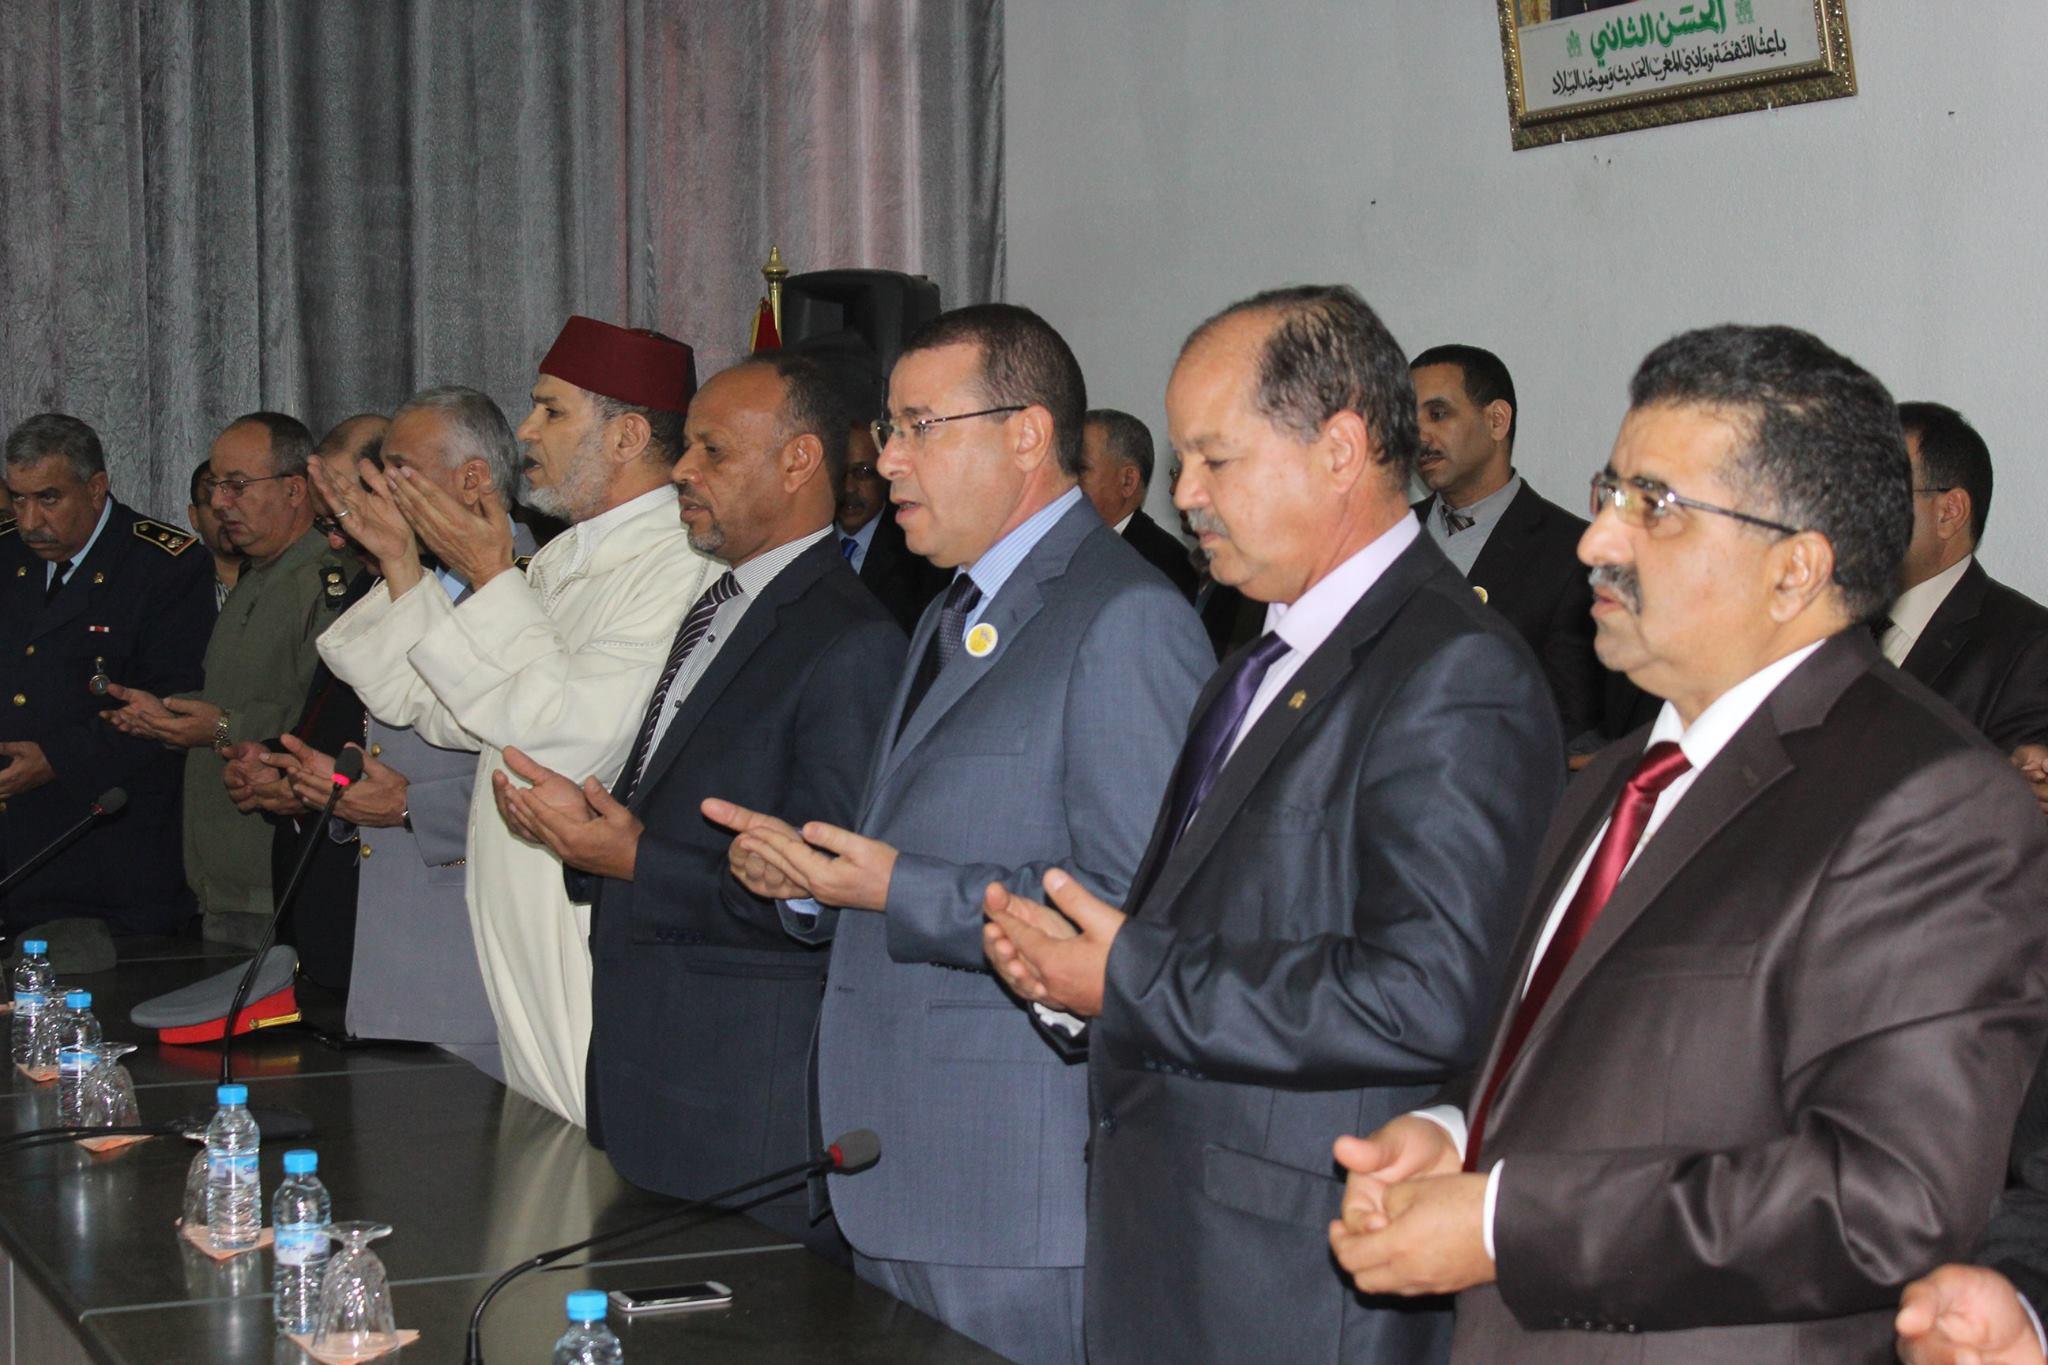 تنصيب الاستاذ عبد الله بوعرفة مديرا لأكاديمية جهة كلميم وادنون